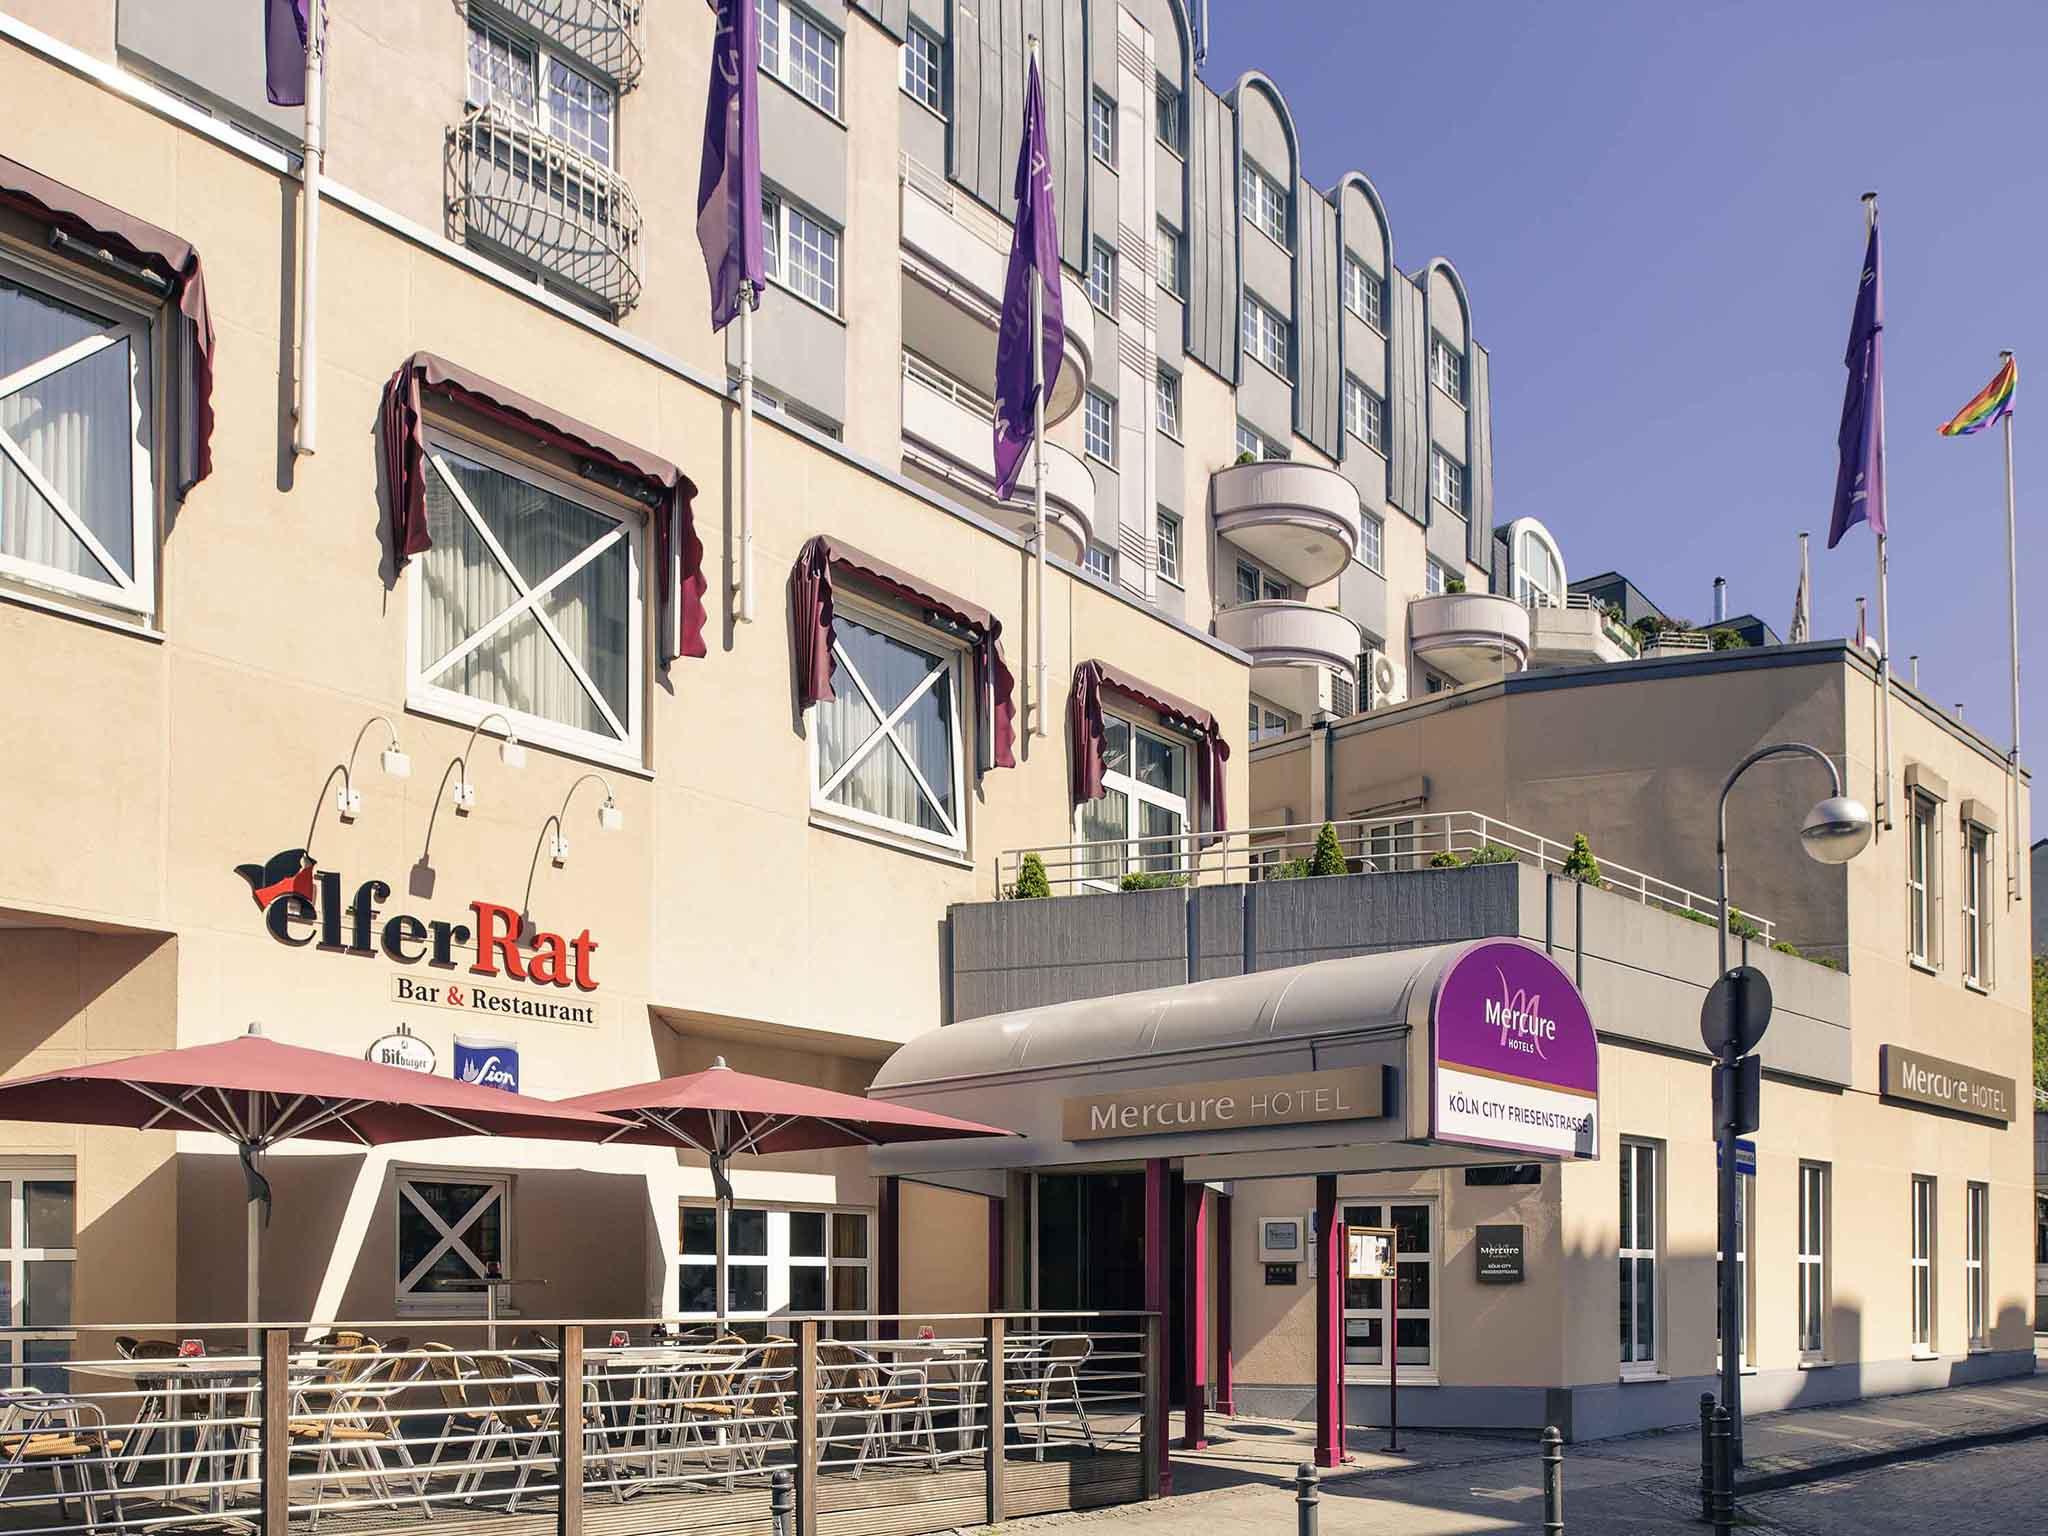 โรงแรม – Mercure Hotel Koeln City Friesenstrasse